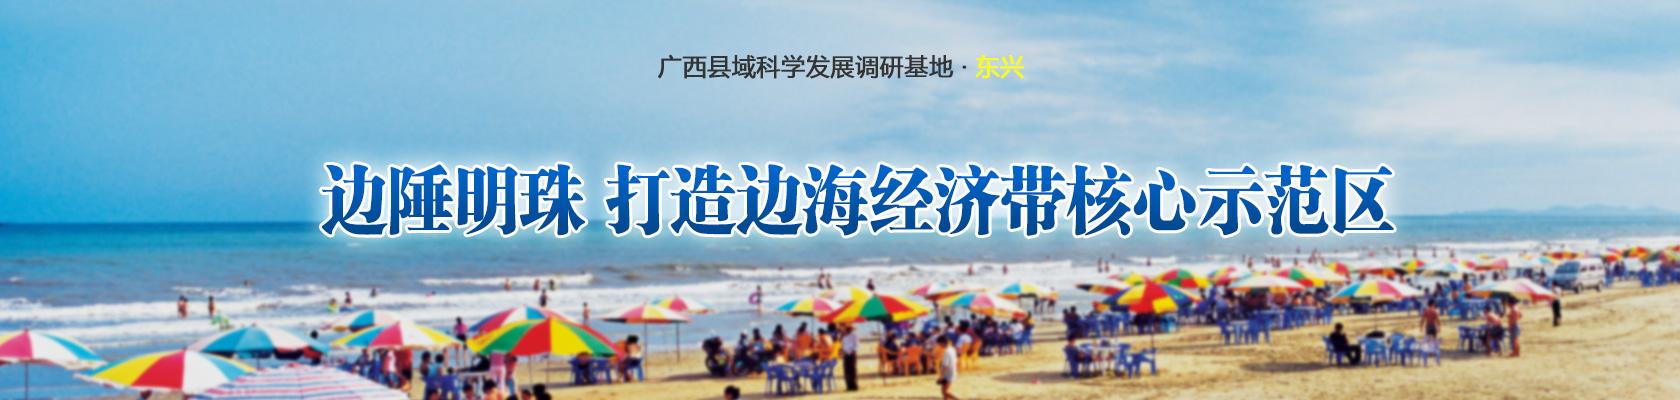 东兴市:边陲明珠 打造边海经济带核心示范区